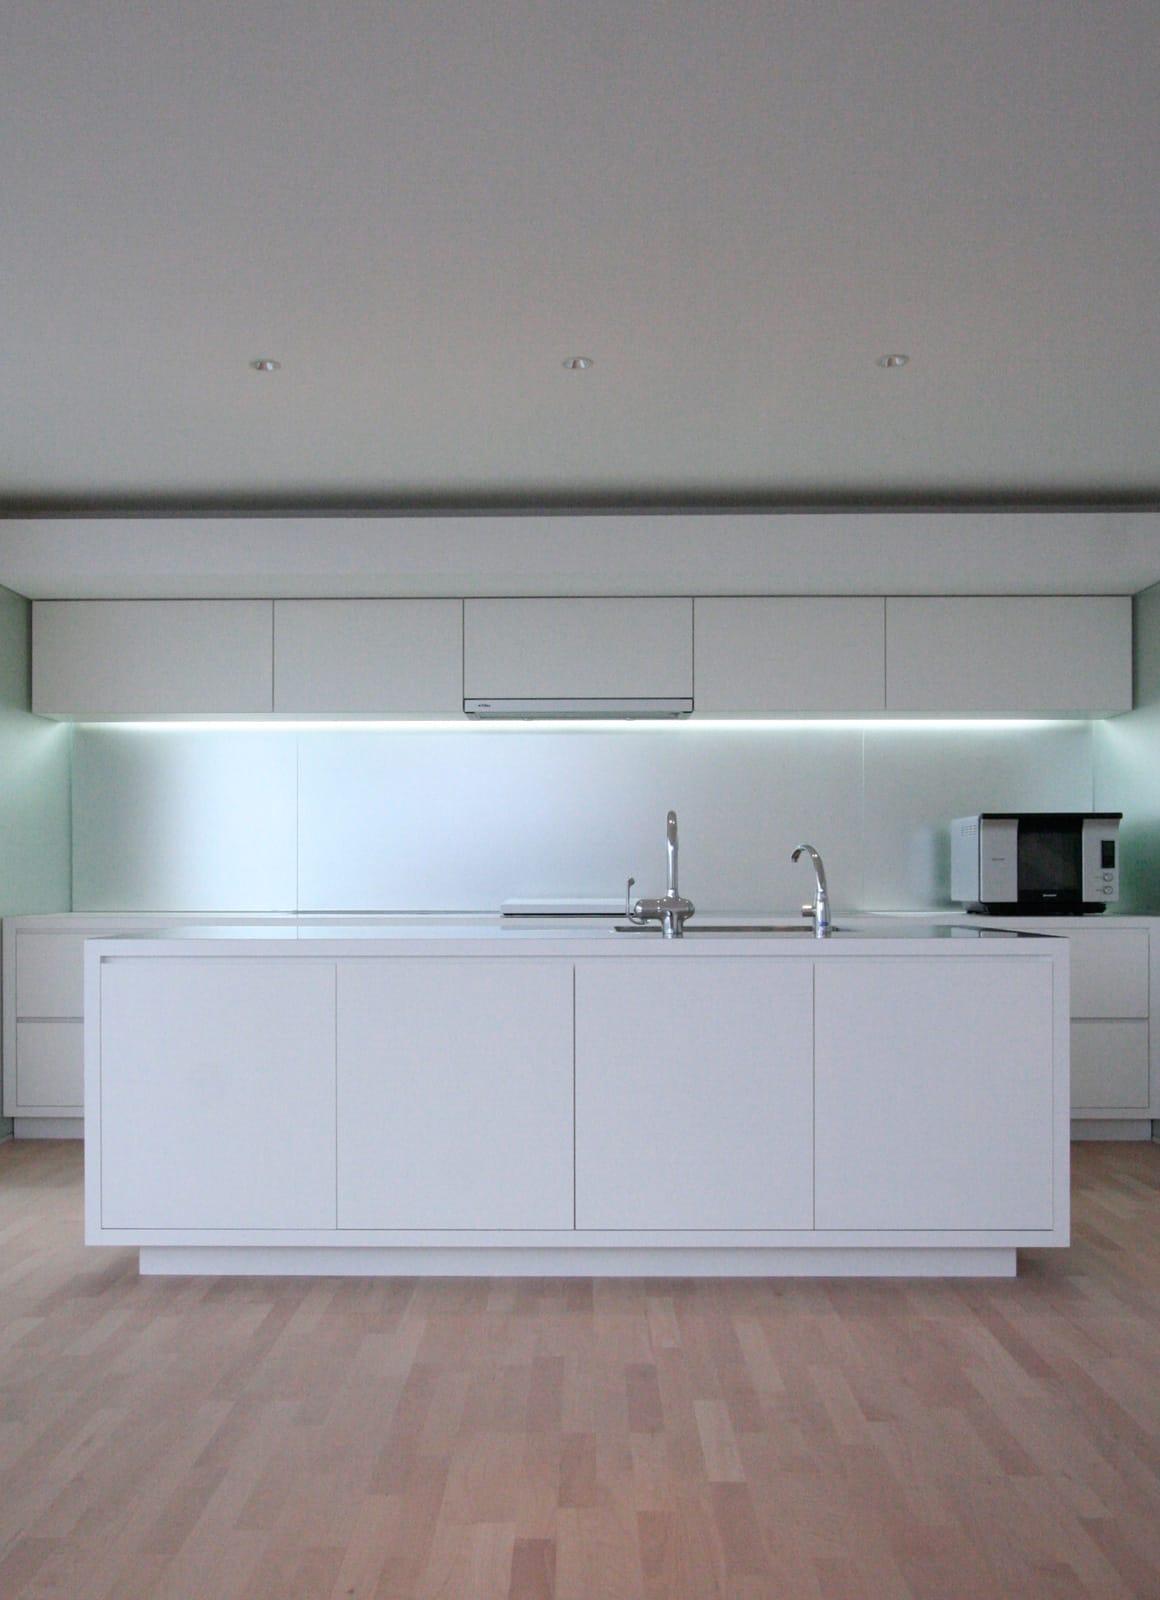 吹抜から光の注ぐSOHO住宅のキッチン1